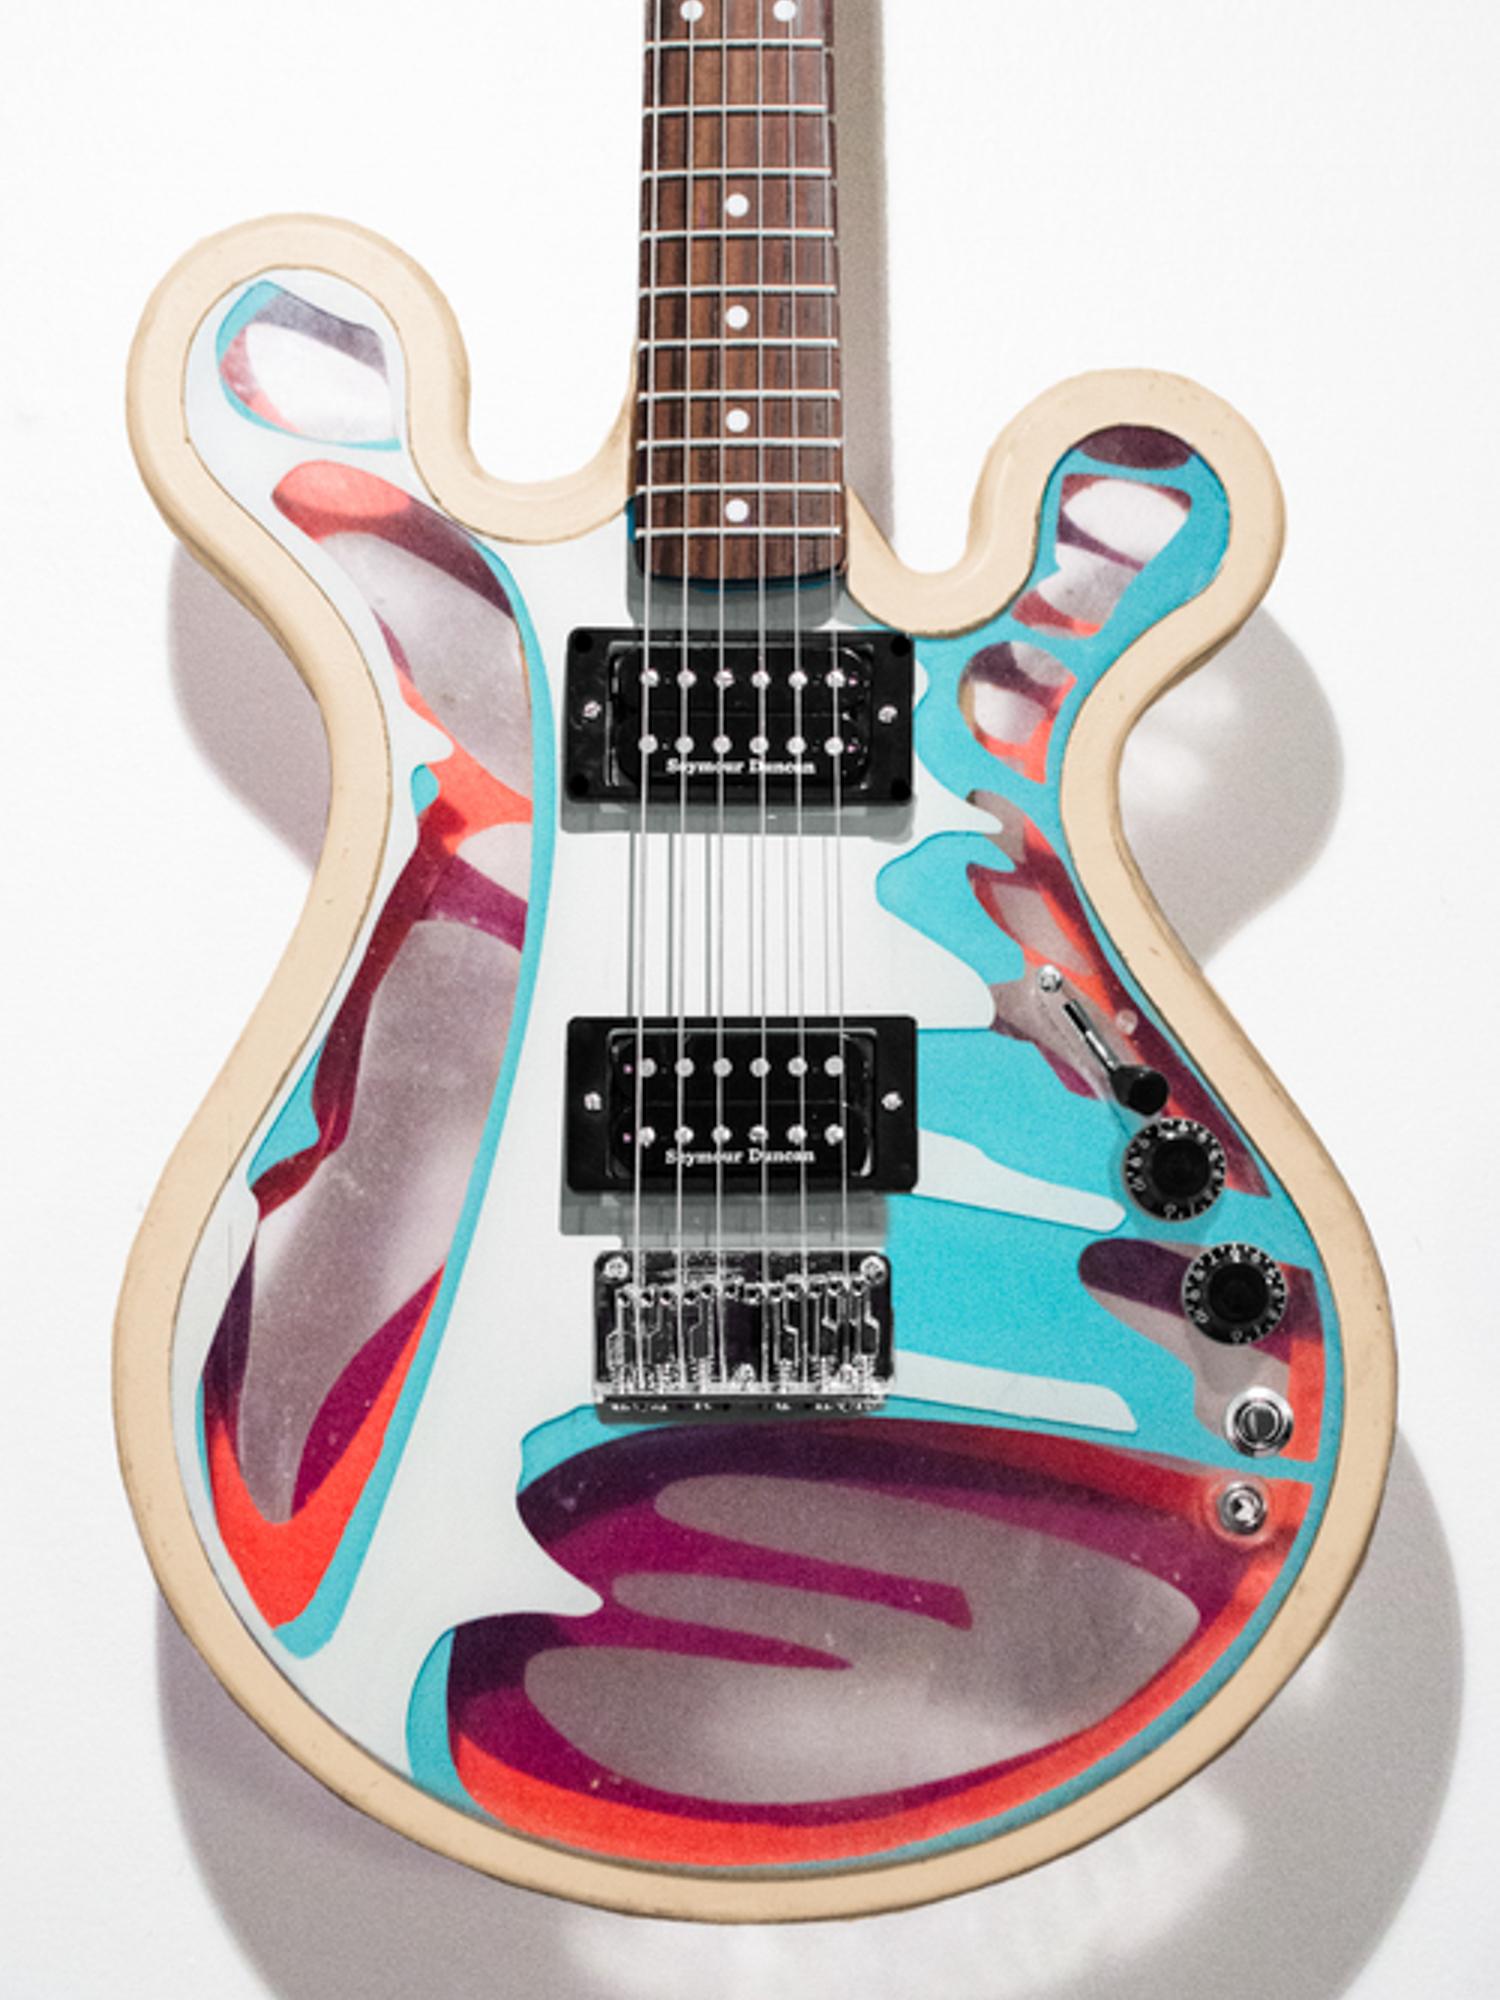 Gallo_Guitar_Vanilla_White_LED.jpg